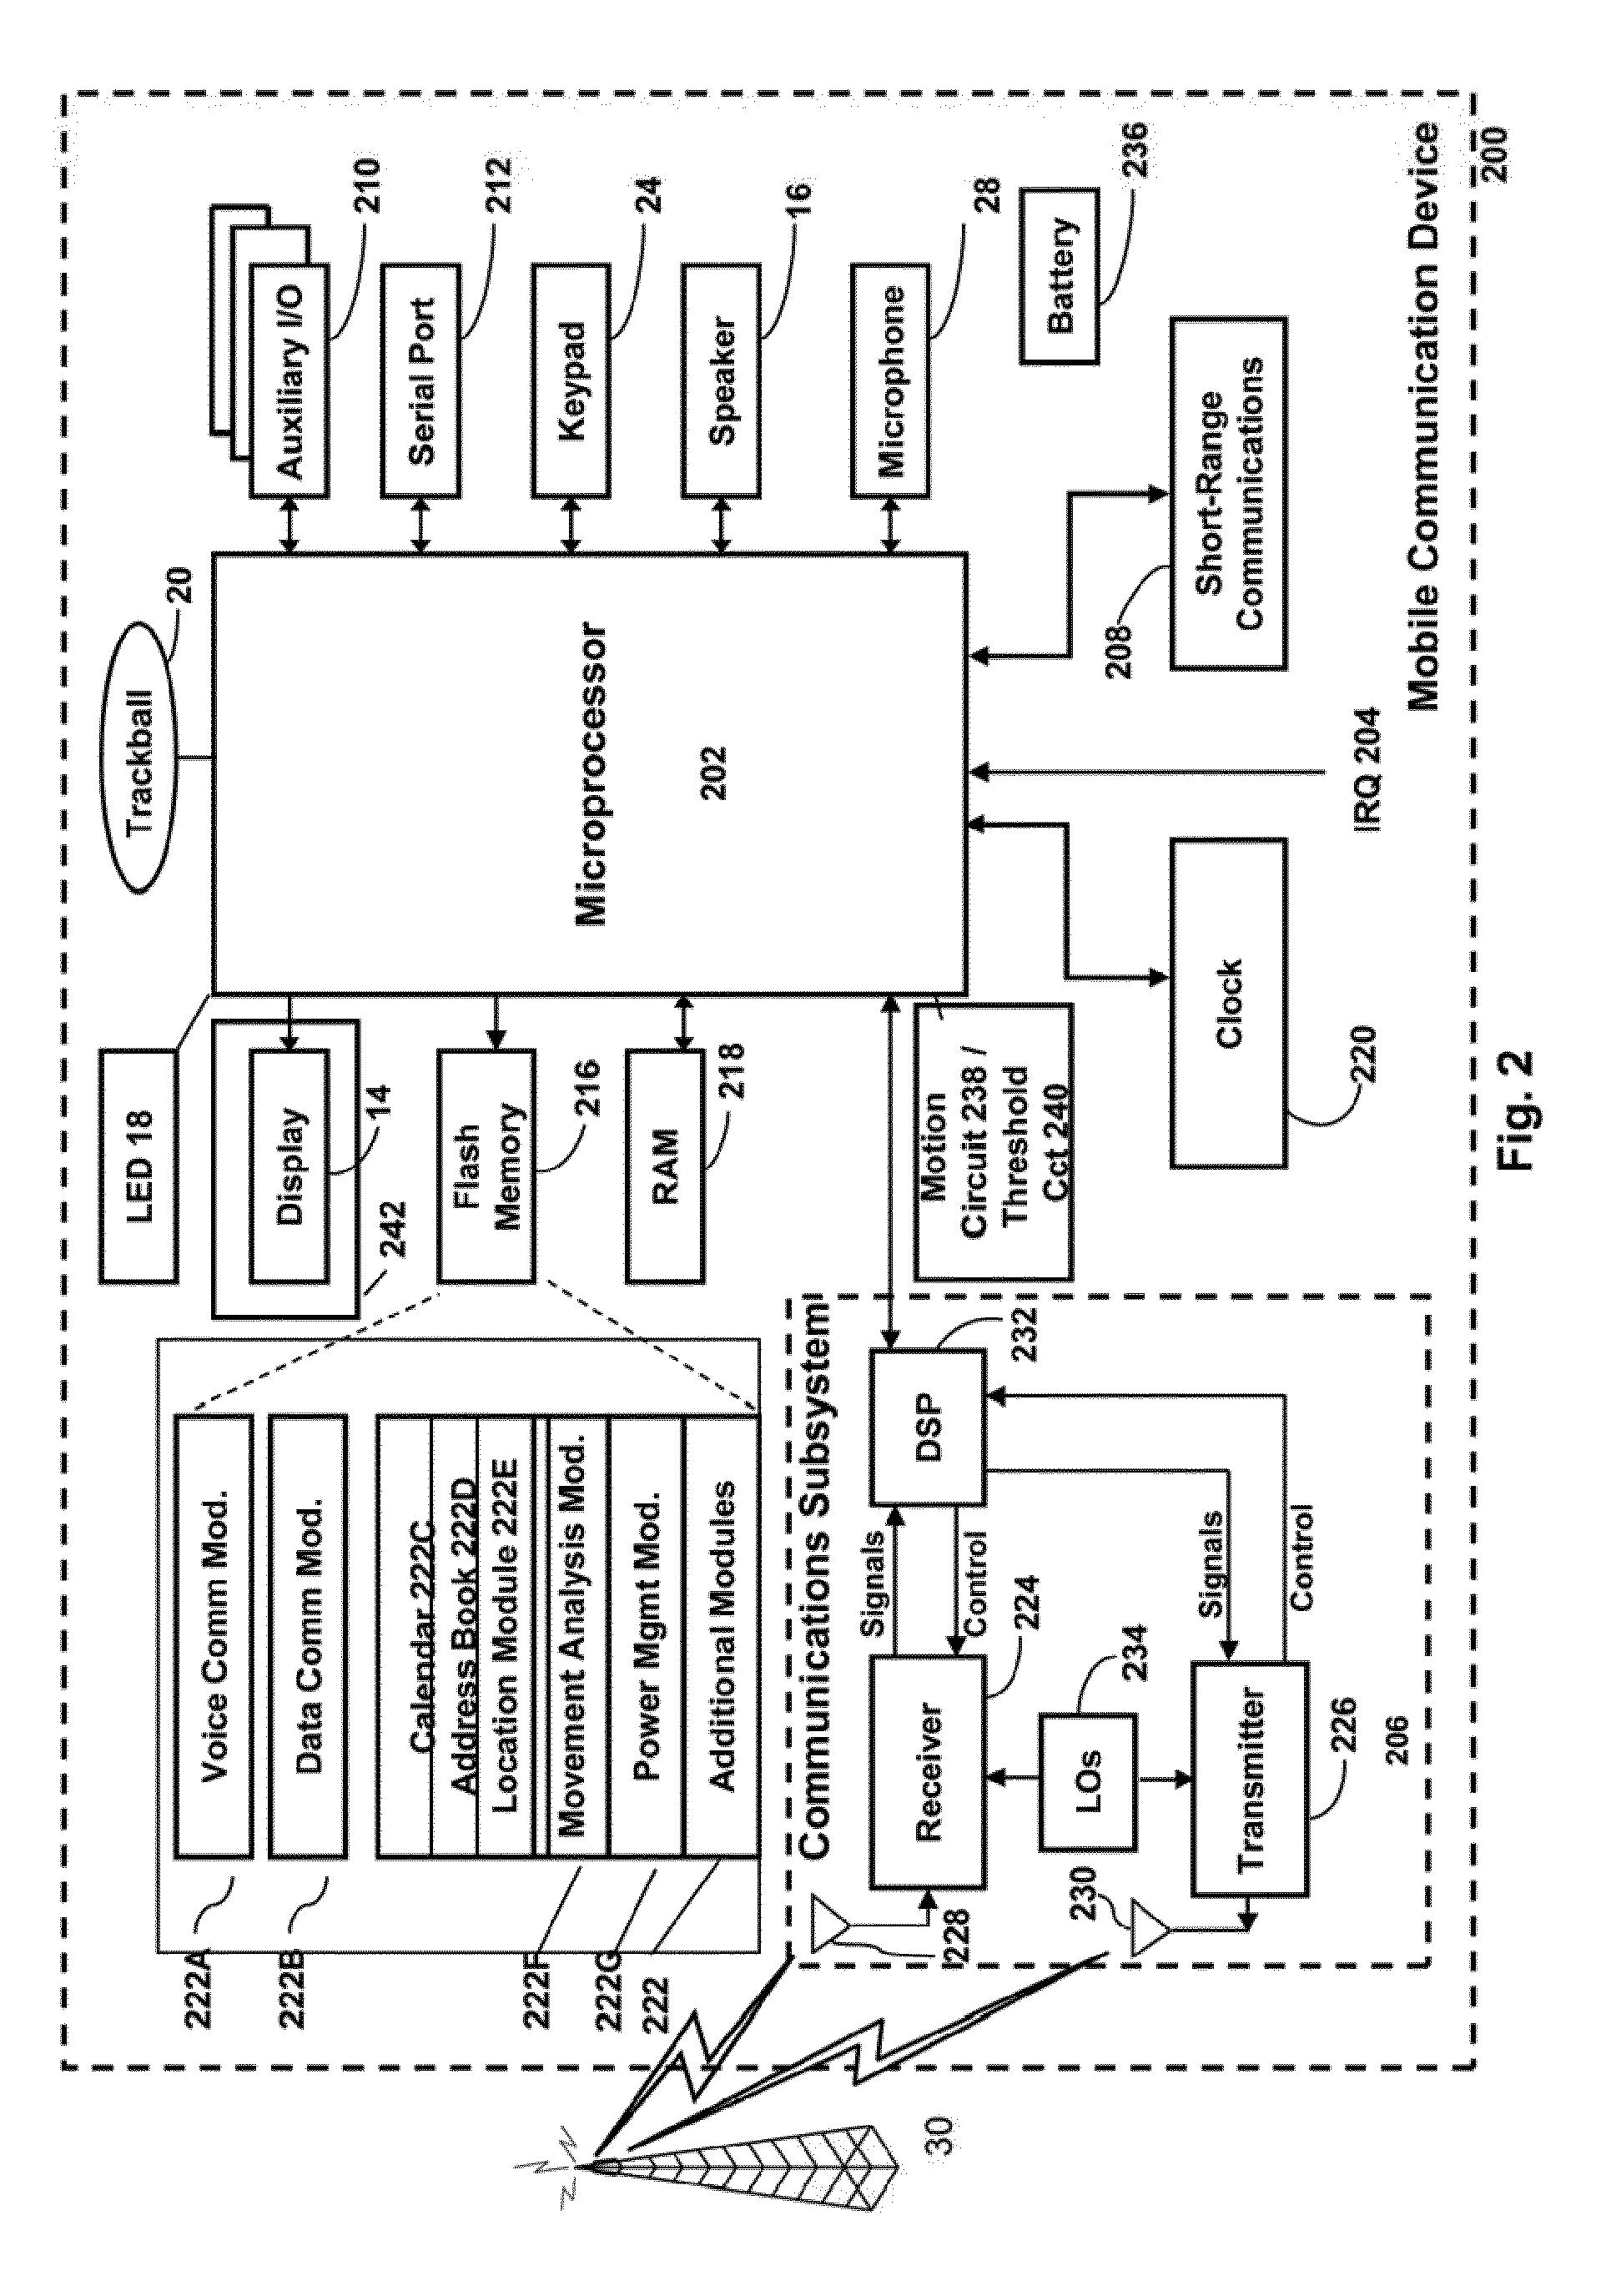 专利ep2509293a1 - system